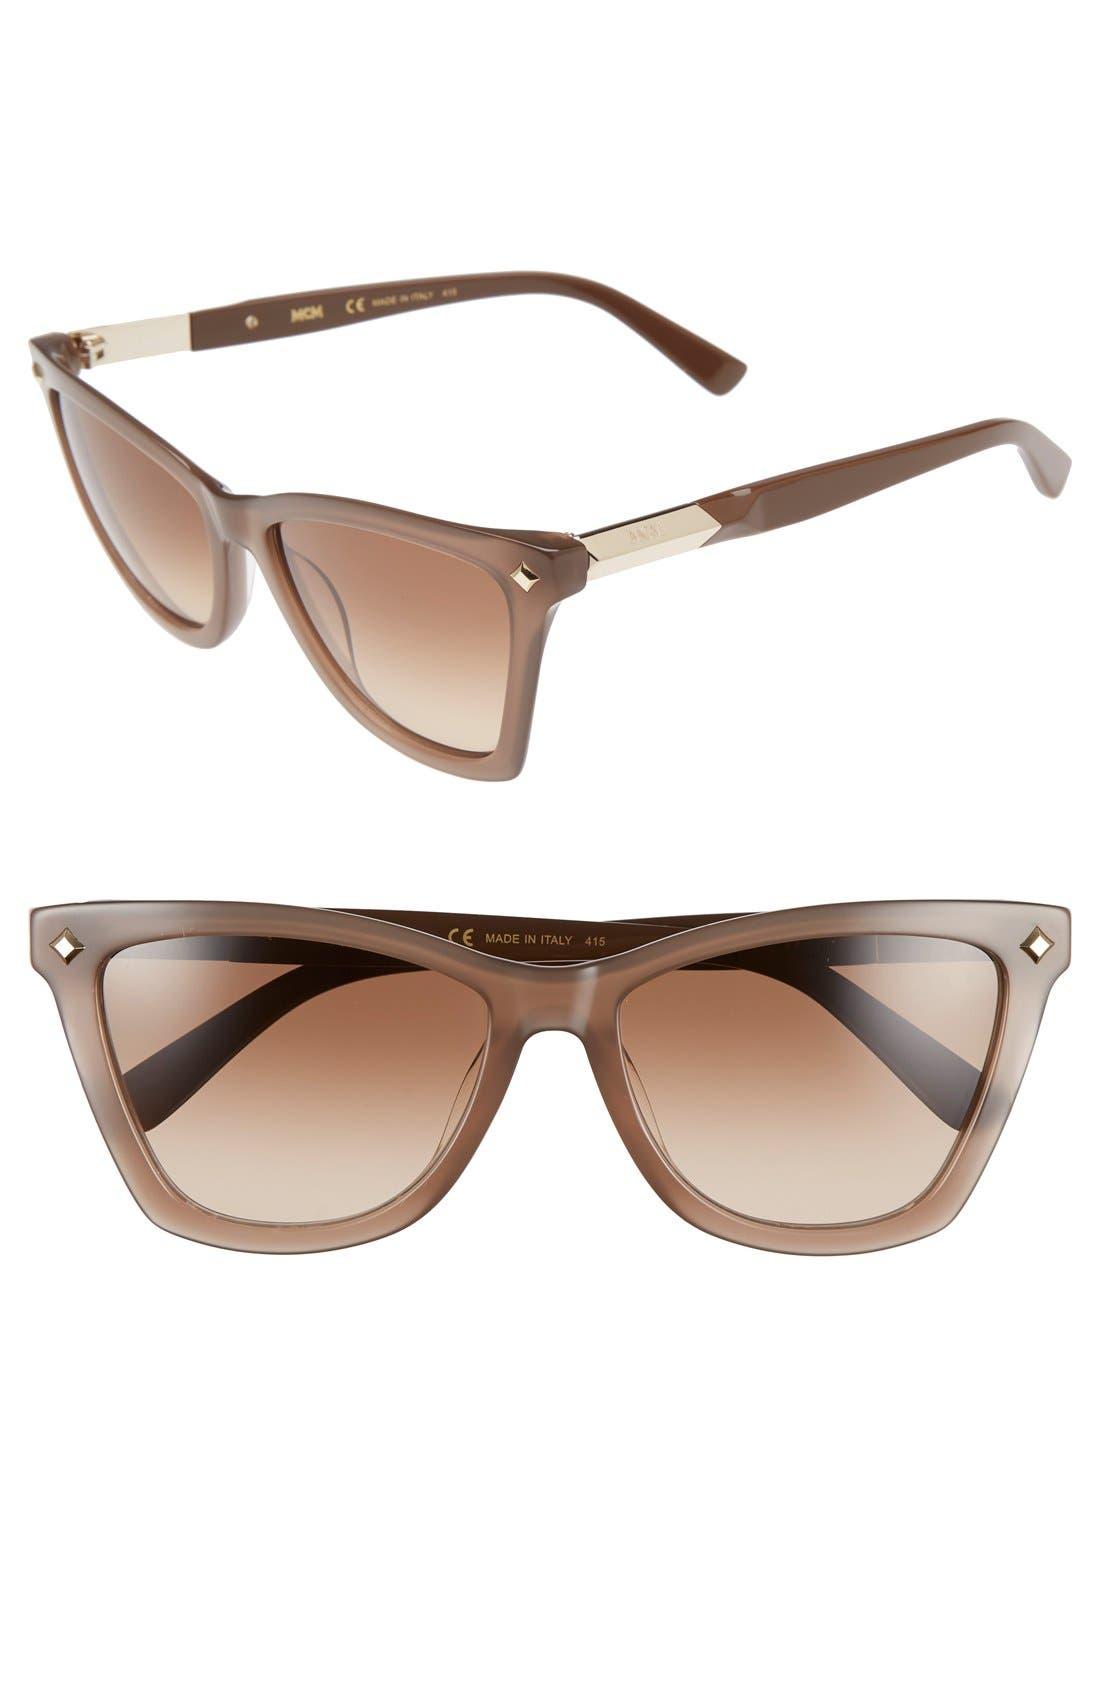 MCM 57mm Retro Sunglasses